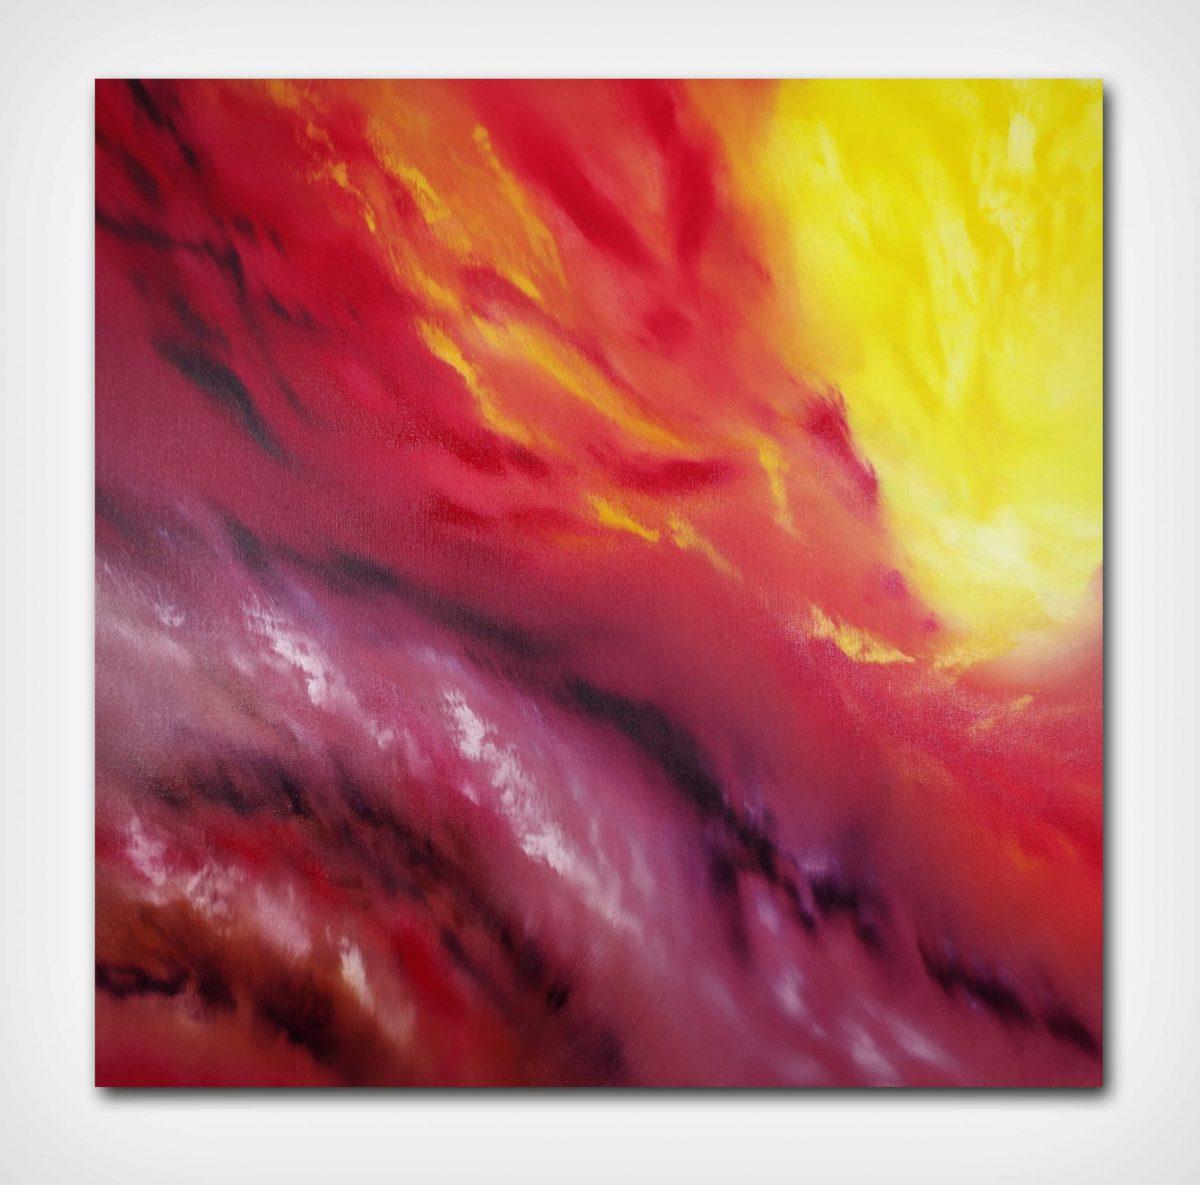 A light inside III 2018 80x80 olio quadro moderno astratto in vendita online